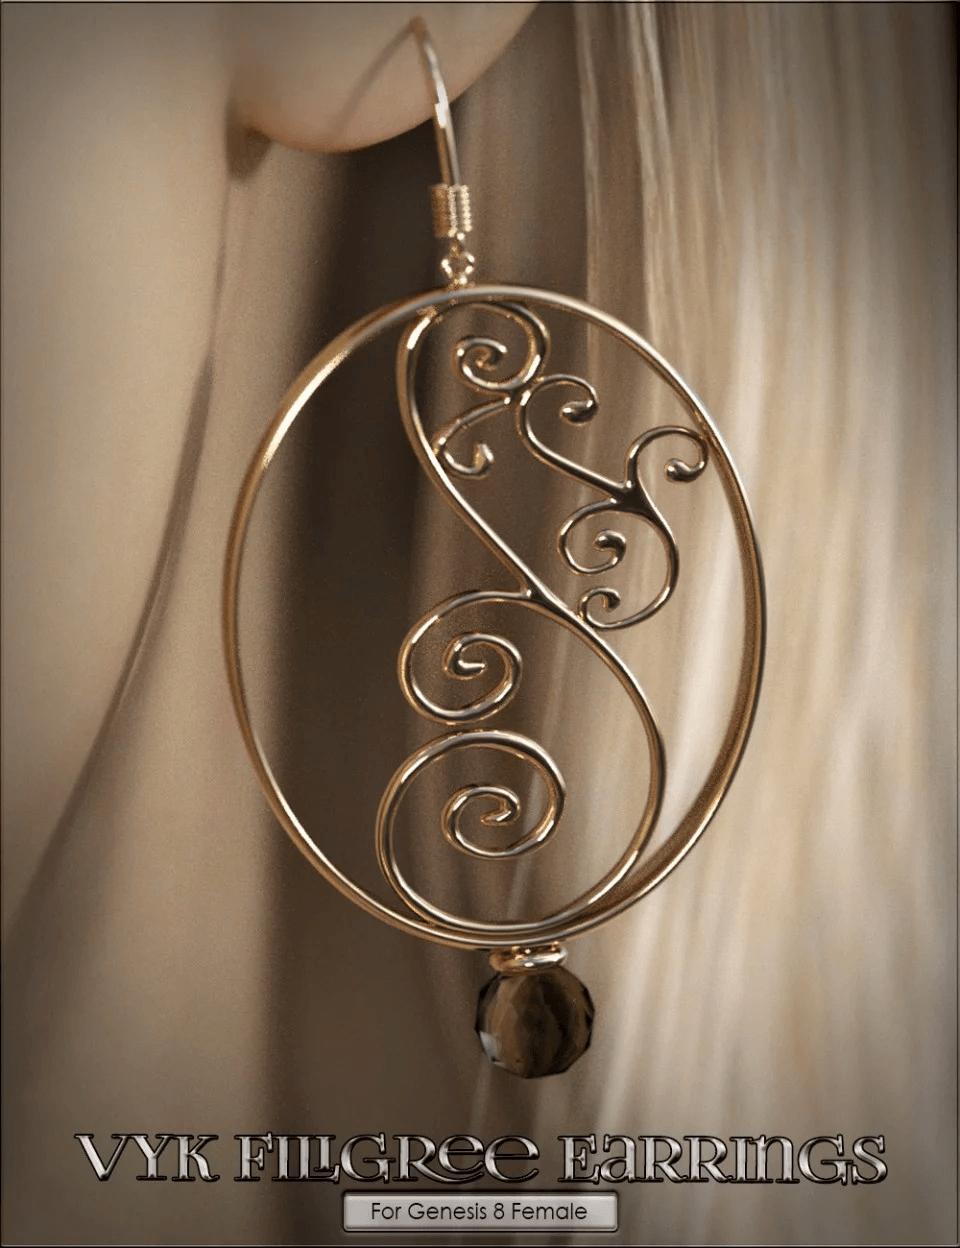 vyk-filigree-earrings-for-genesis-8-female(s)